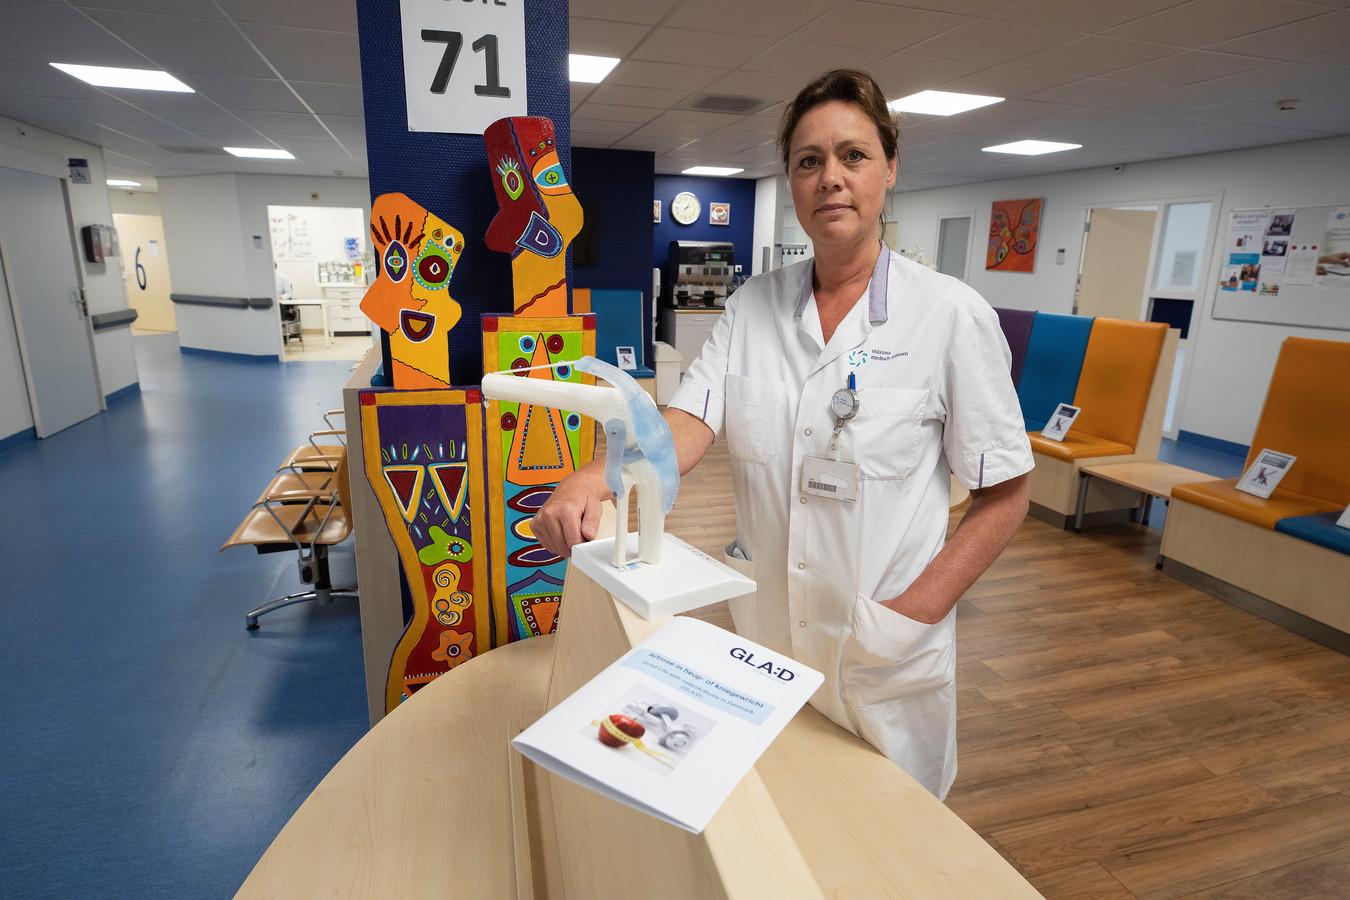 Christa van Doesburg is verpleegkundig specialist van de afdeling orthopedie van het Máxima Medisch Centrum.